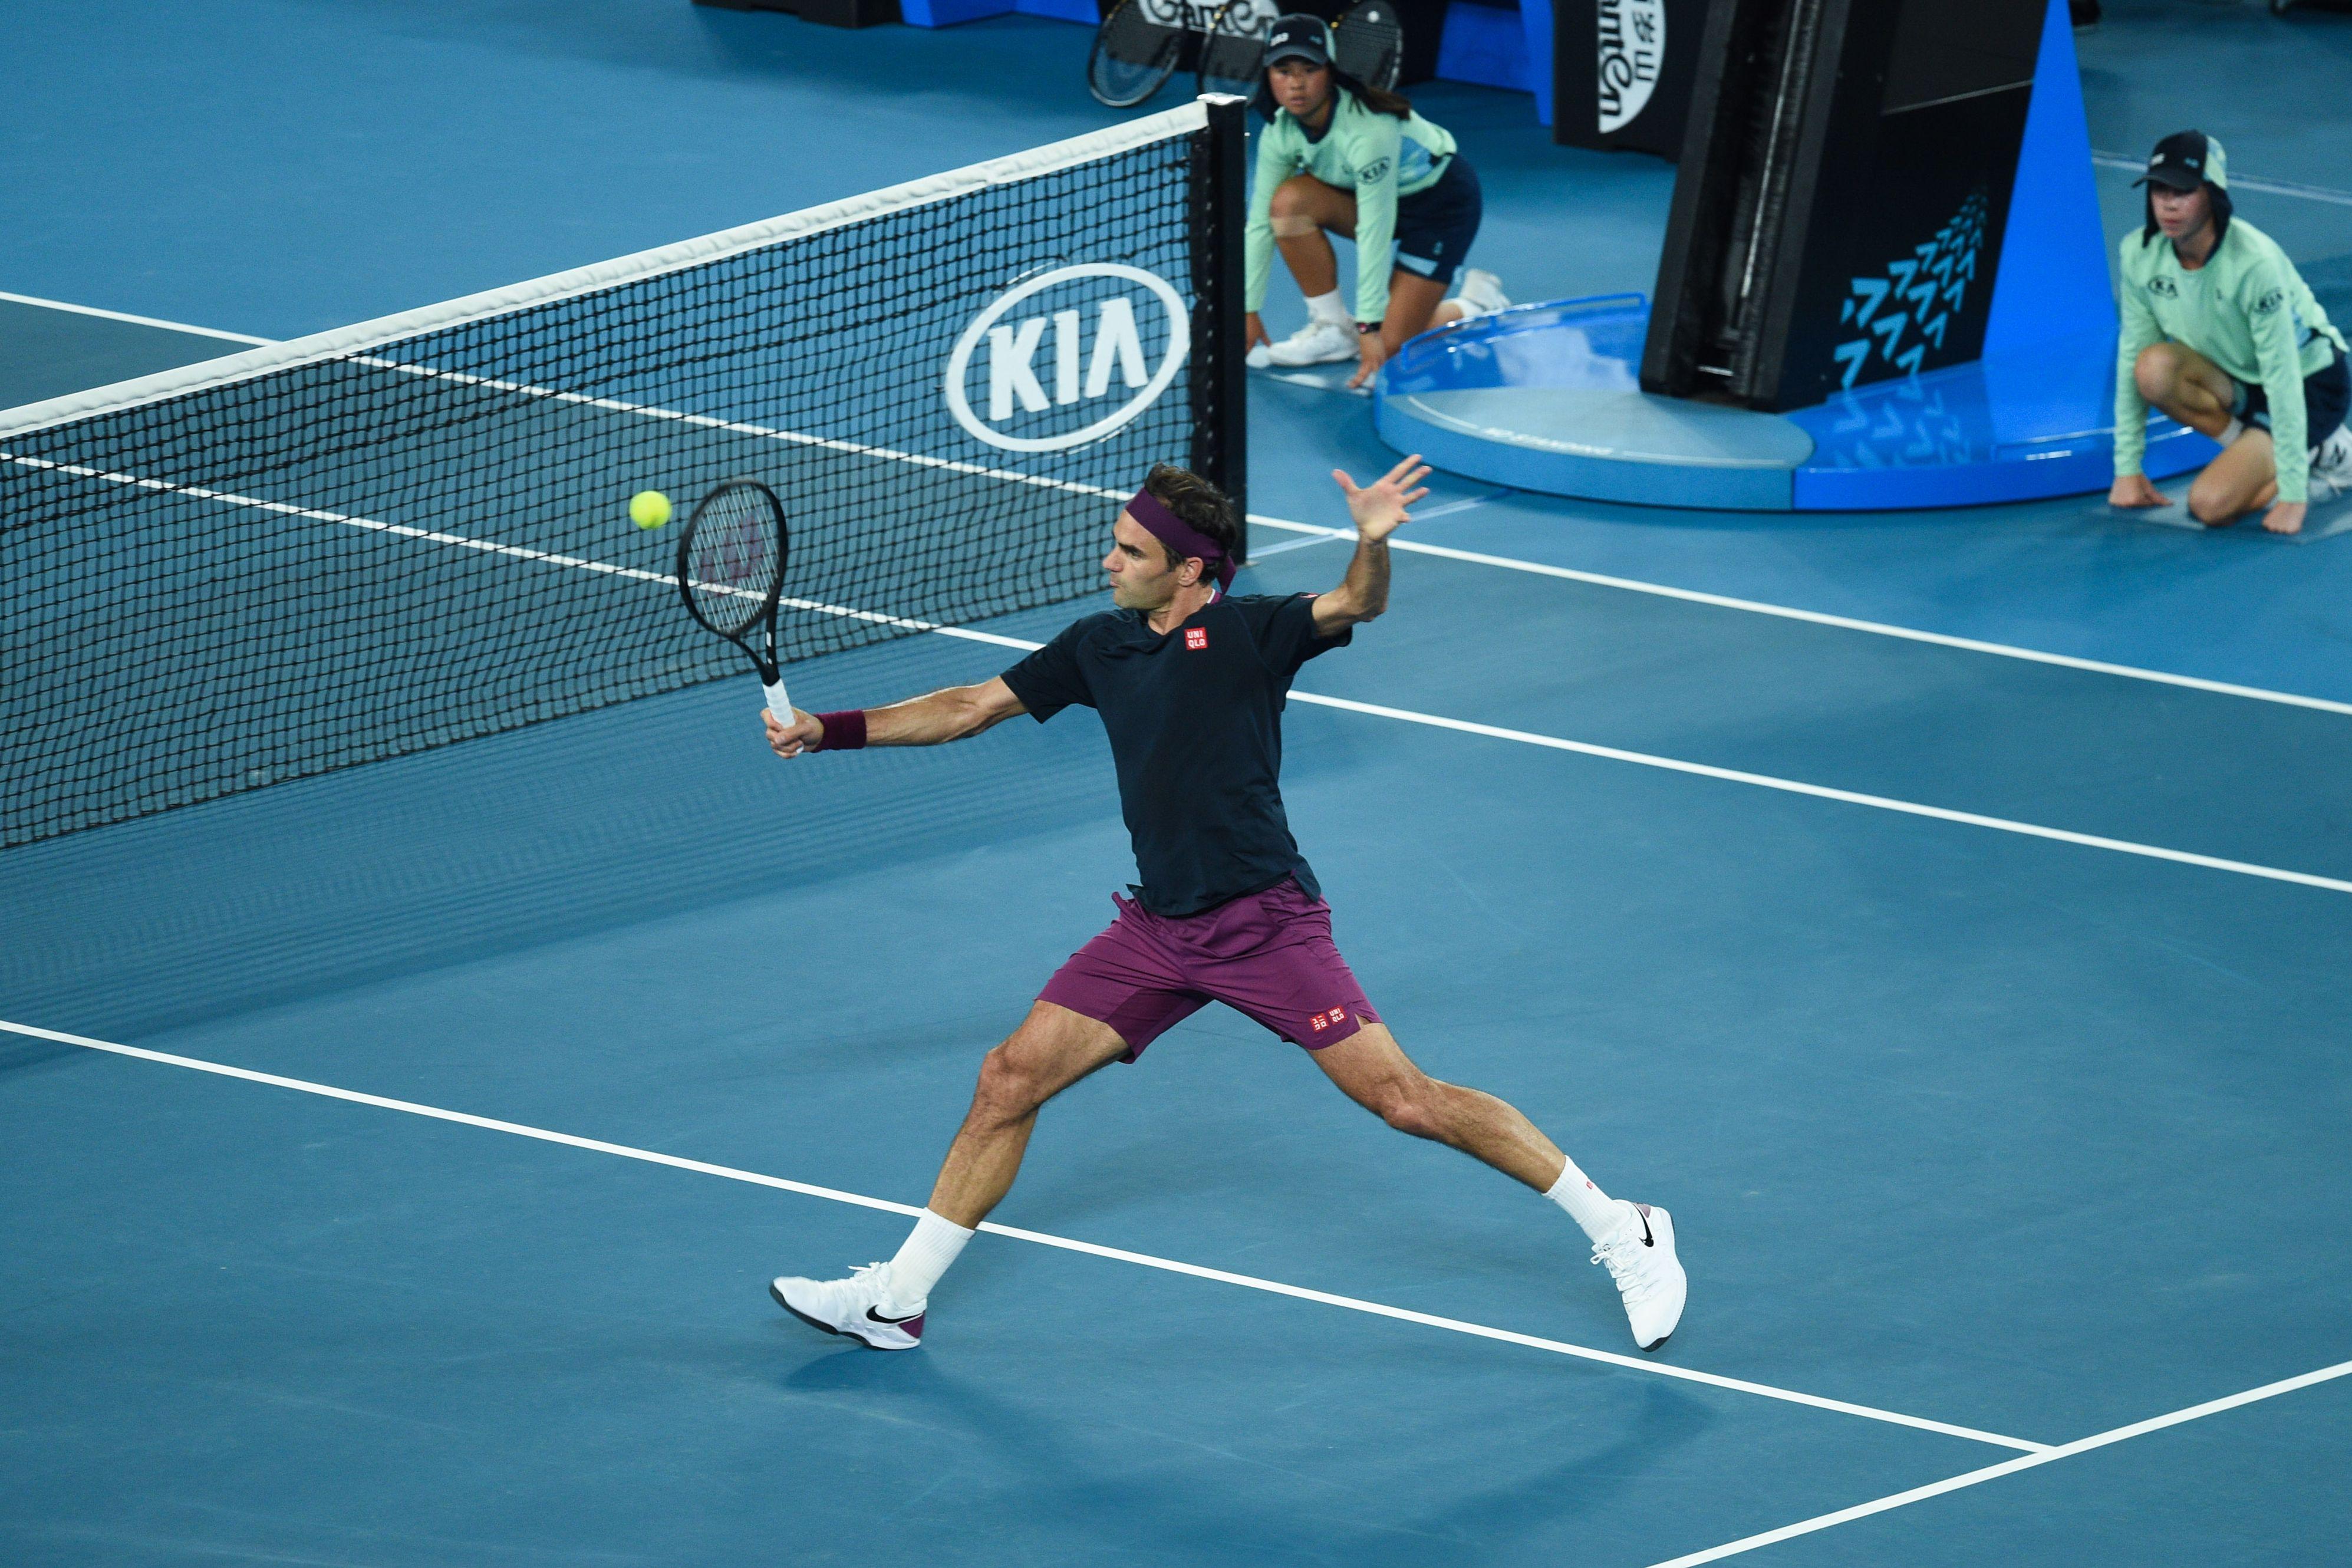 Олимпийский чемпион Россе не уверен, что Федерер сыграет на Australian Open